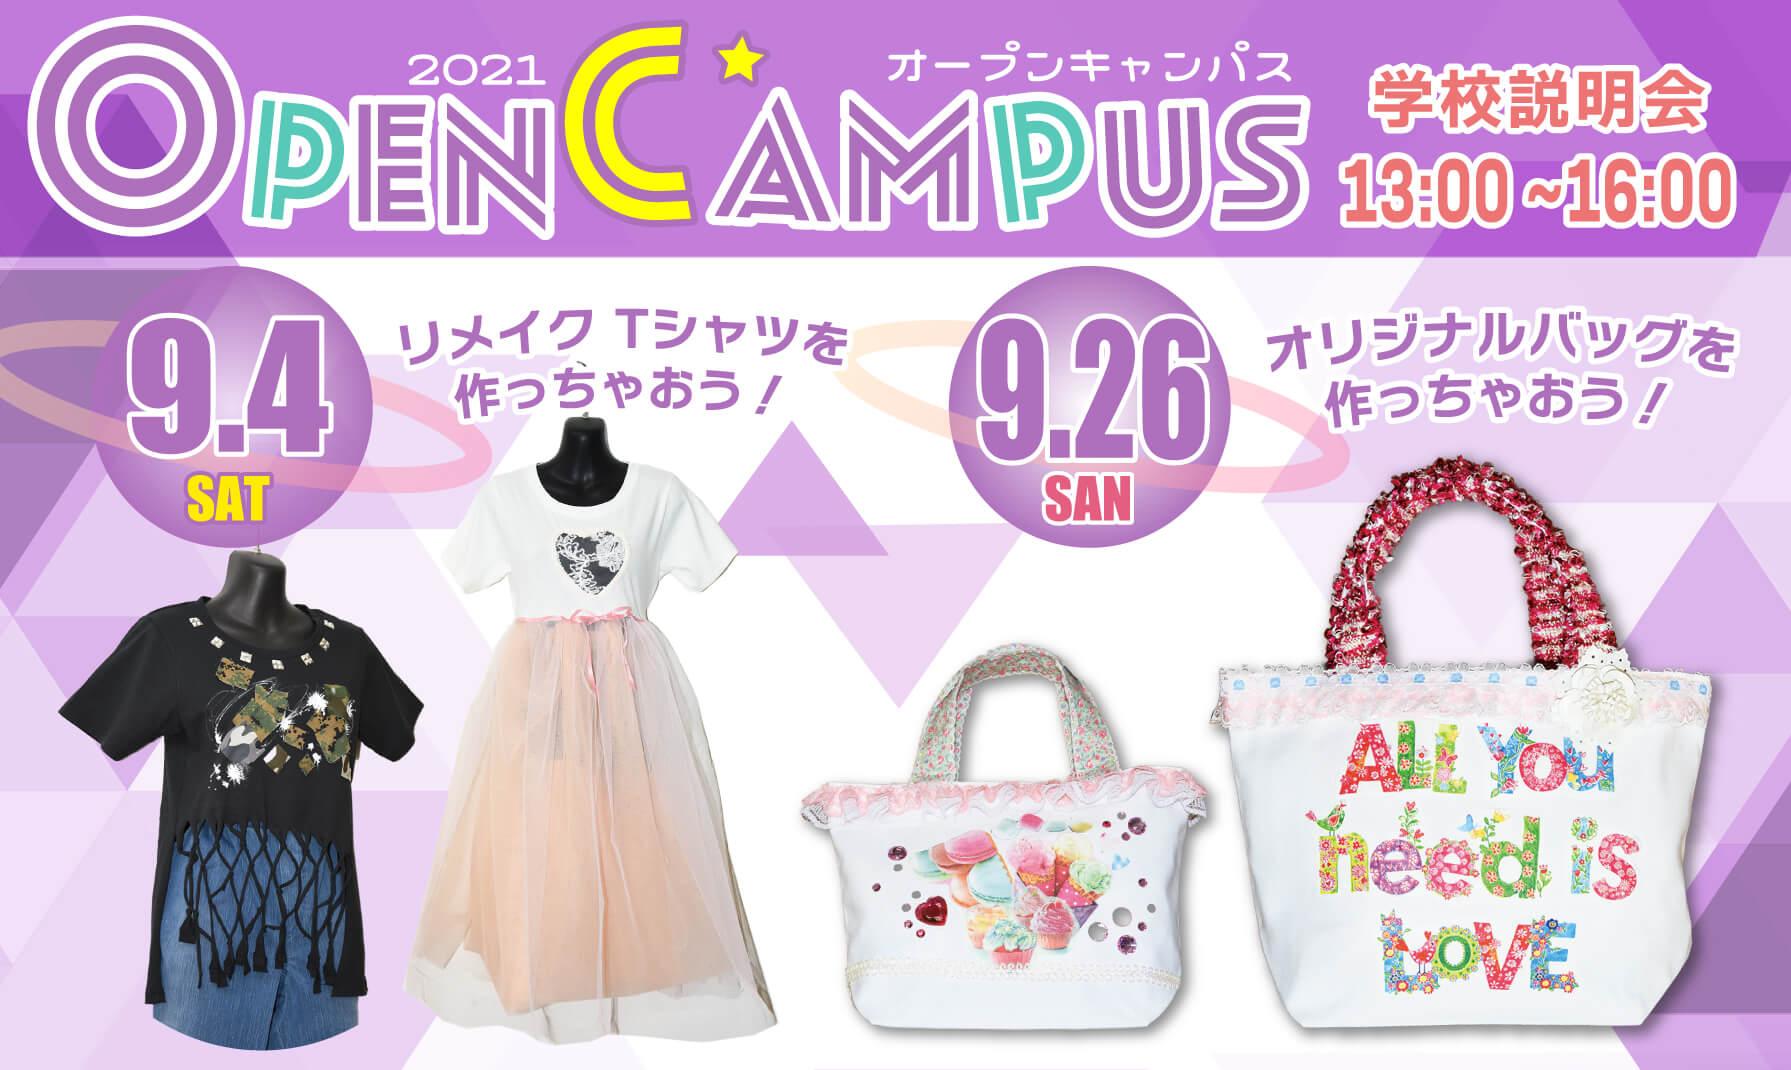 江東服飾高等専修学校 - オープンキャンパス 2021年9月